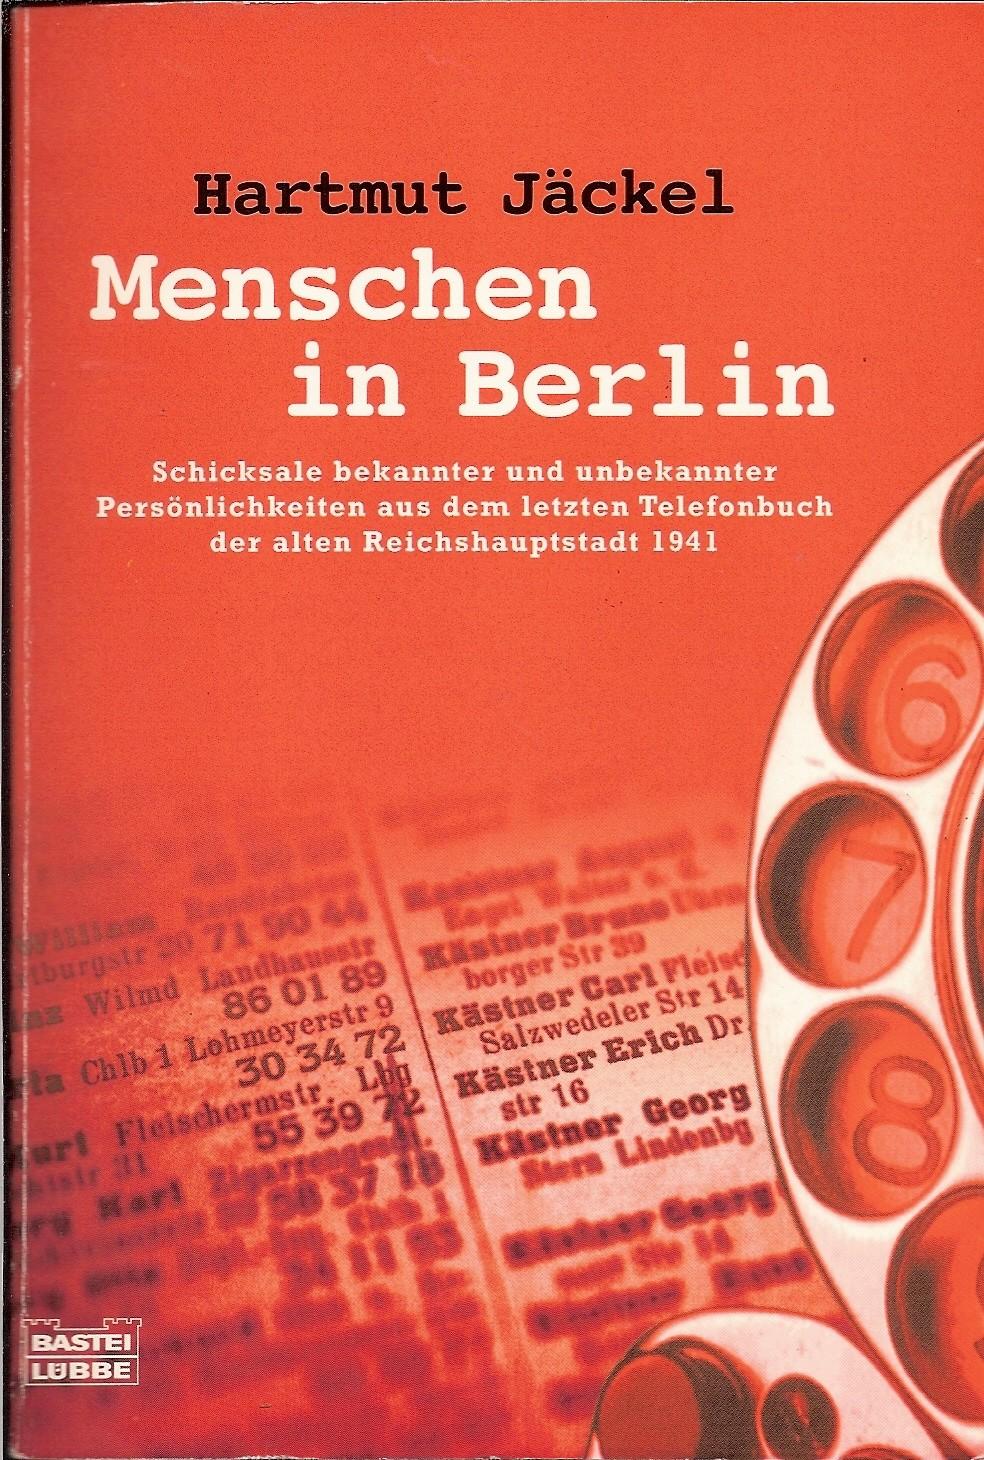 Karl-Heinz Smuda hat nachgeschaut, wer einen Telefonapparat besaß.